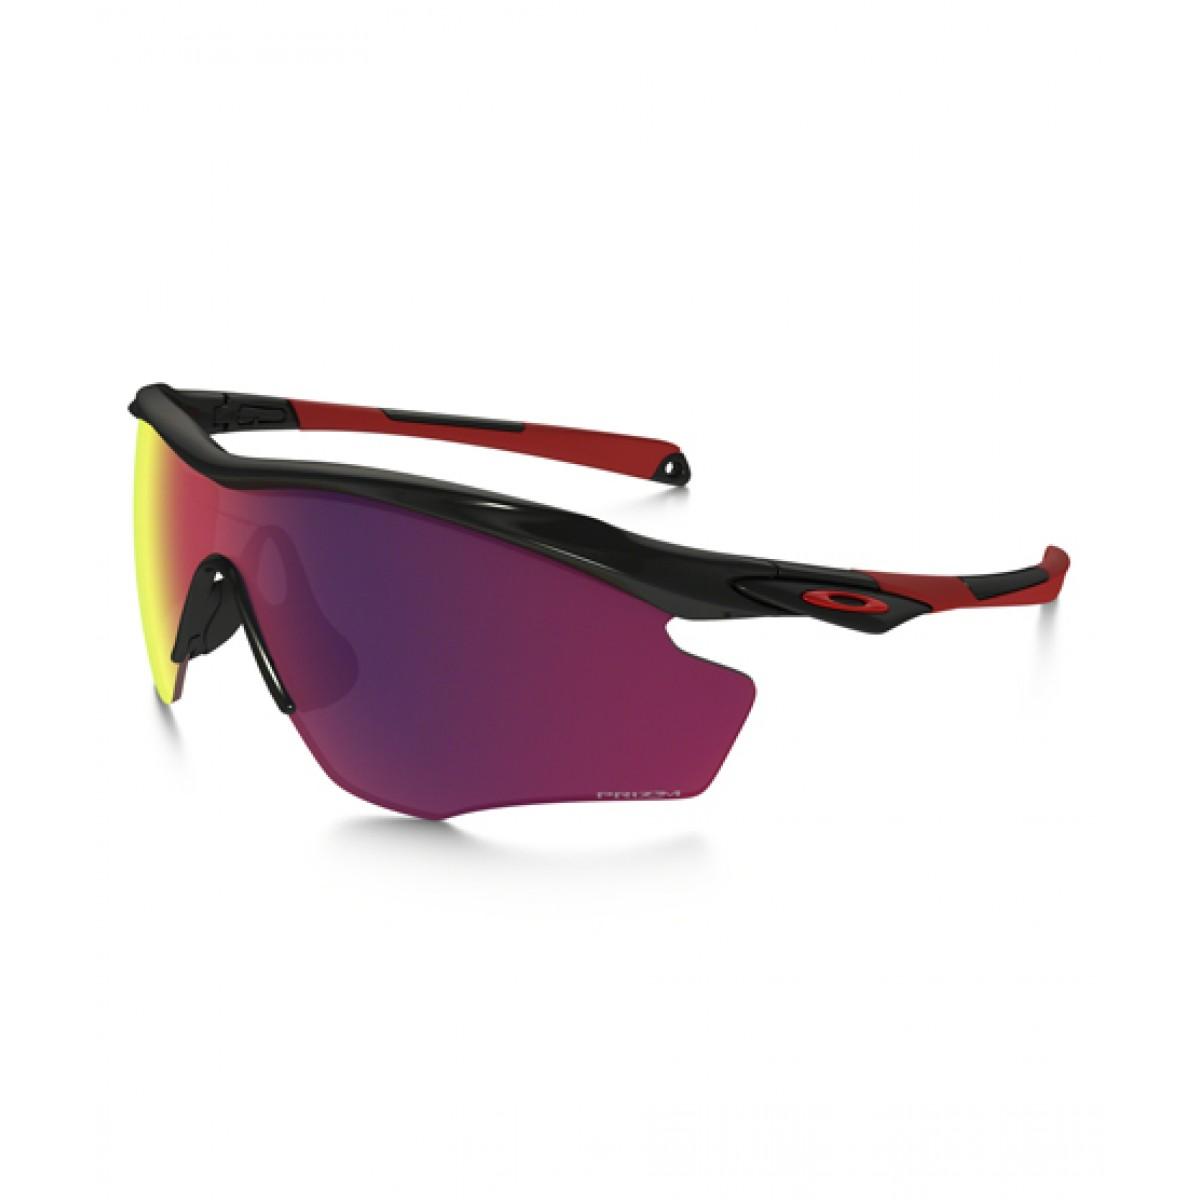 b09138c6b7a Oakley Non-Polarized Sunglasses Price in Pakistan